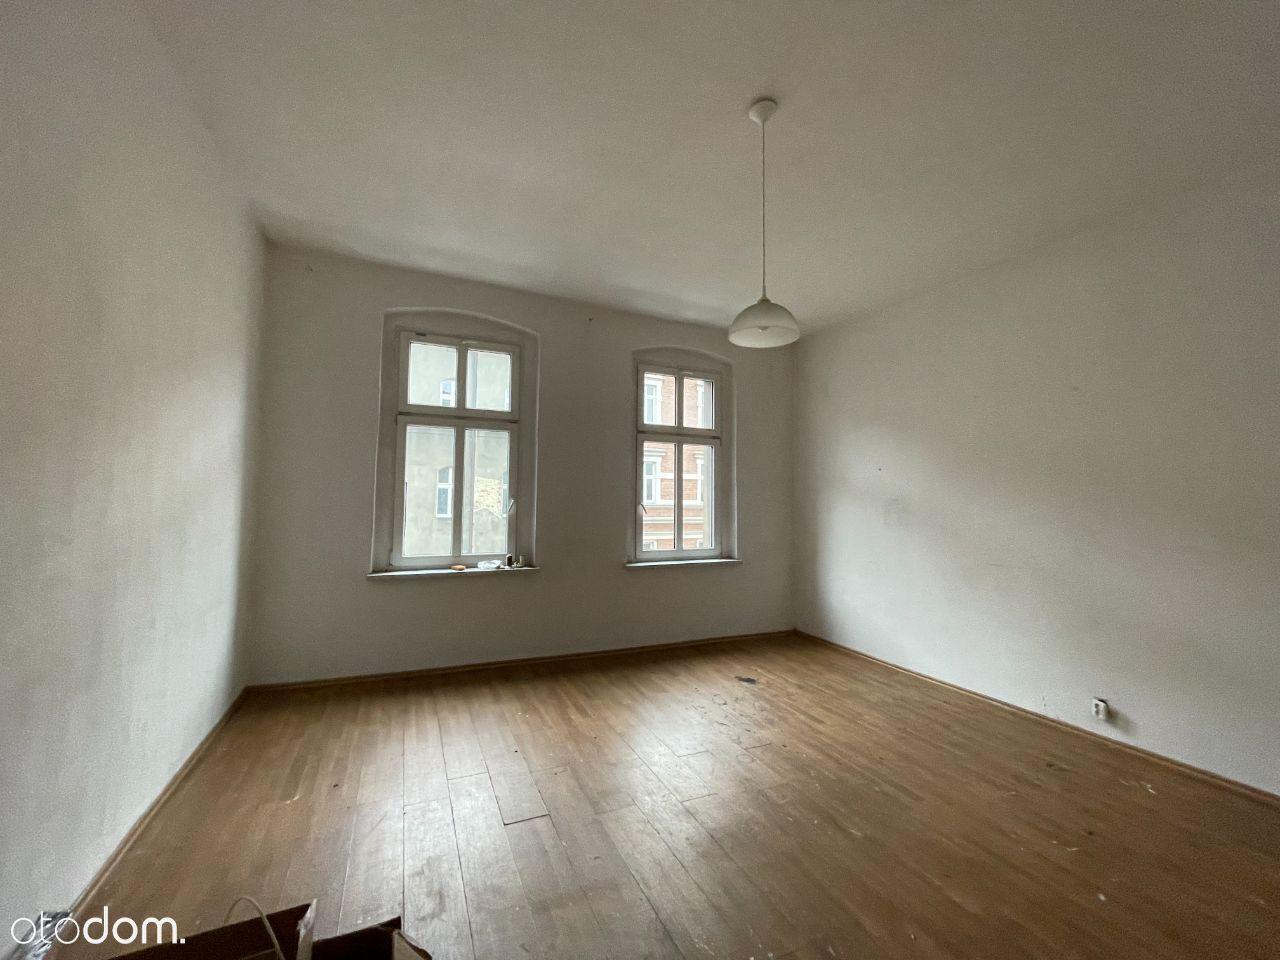 Nowa inwestycja! Mieszkanie 48m2 centrum Katowic